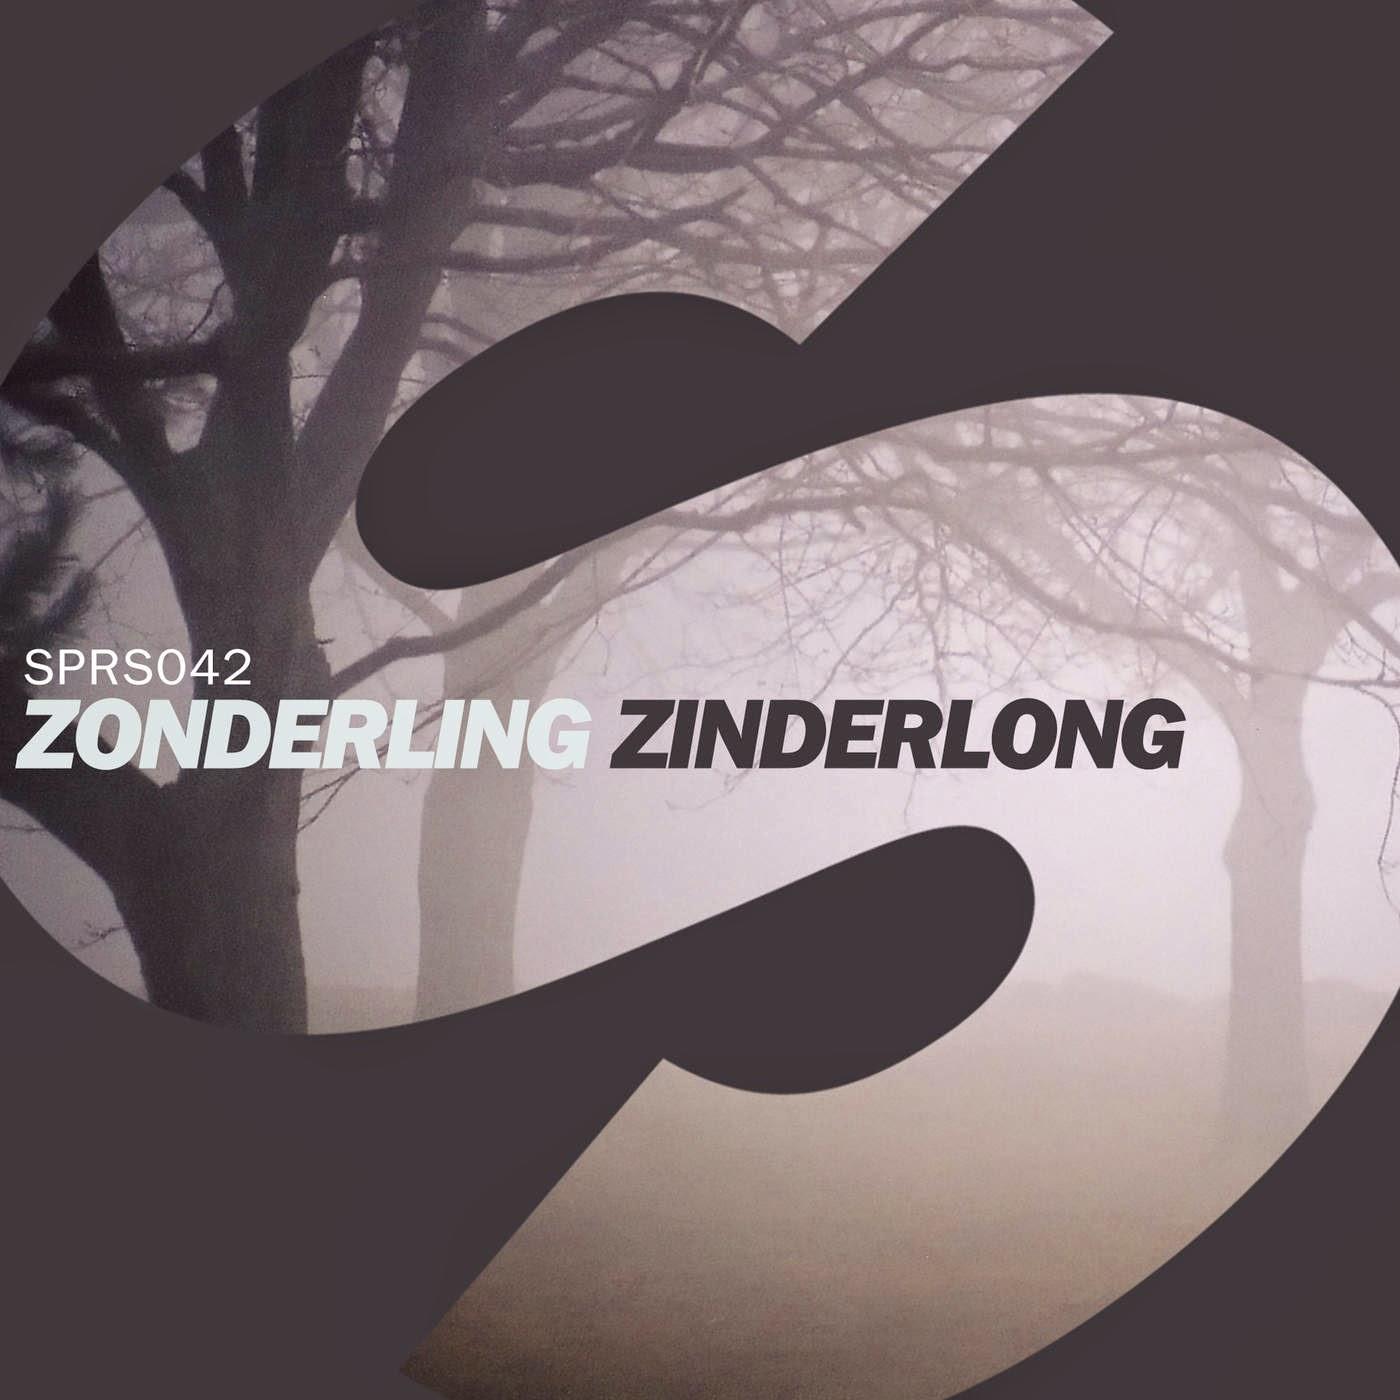 Zonderling - Zinderlong - Single